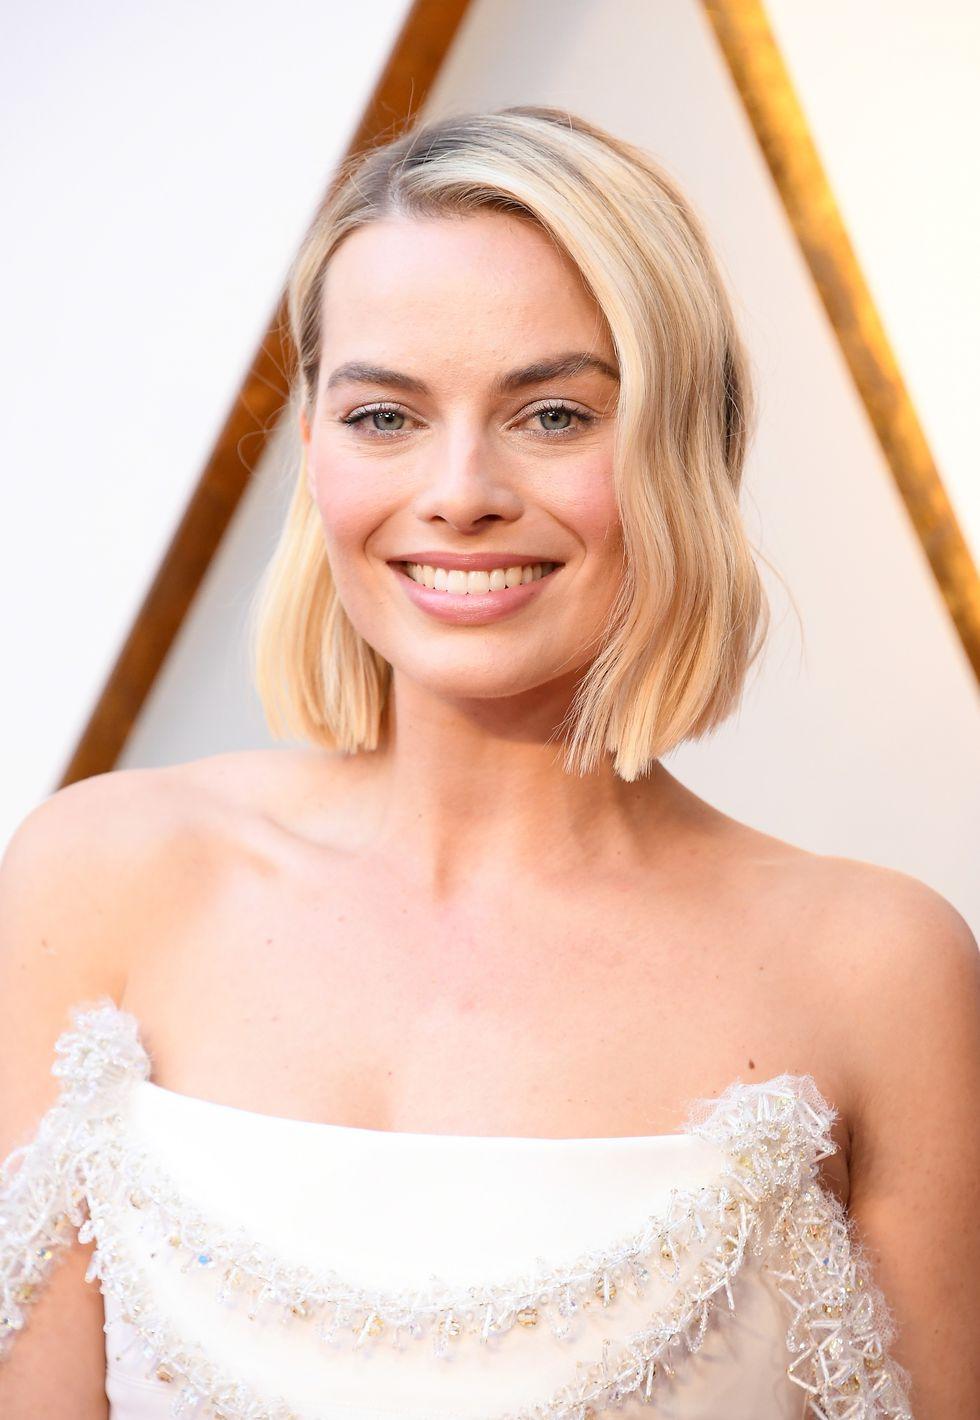 #MargotRobbie #Oscars2018 #OscarsHair #Oscars2018Hair.jpg